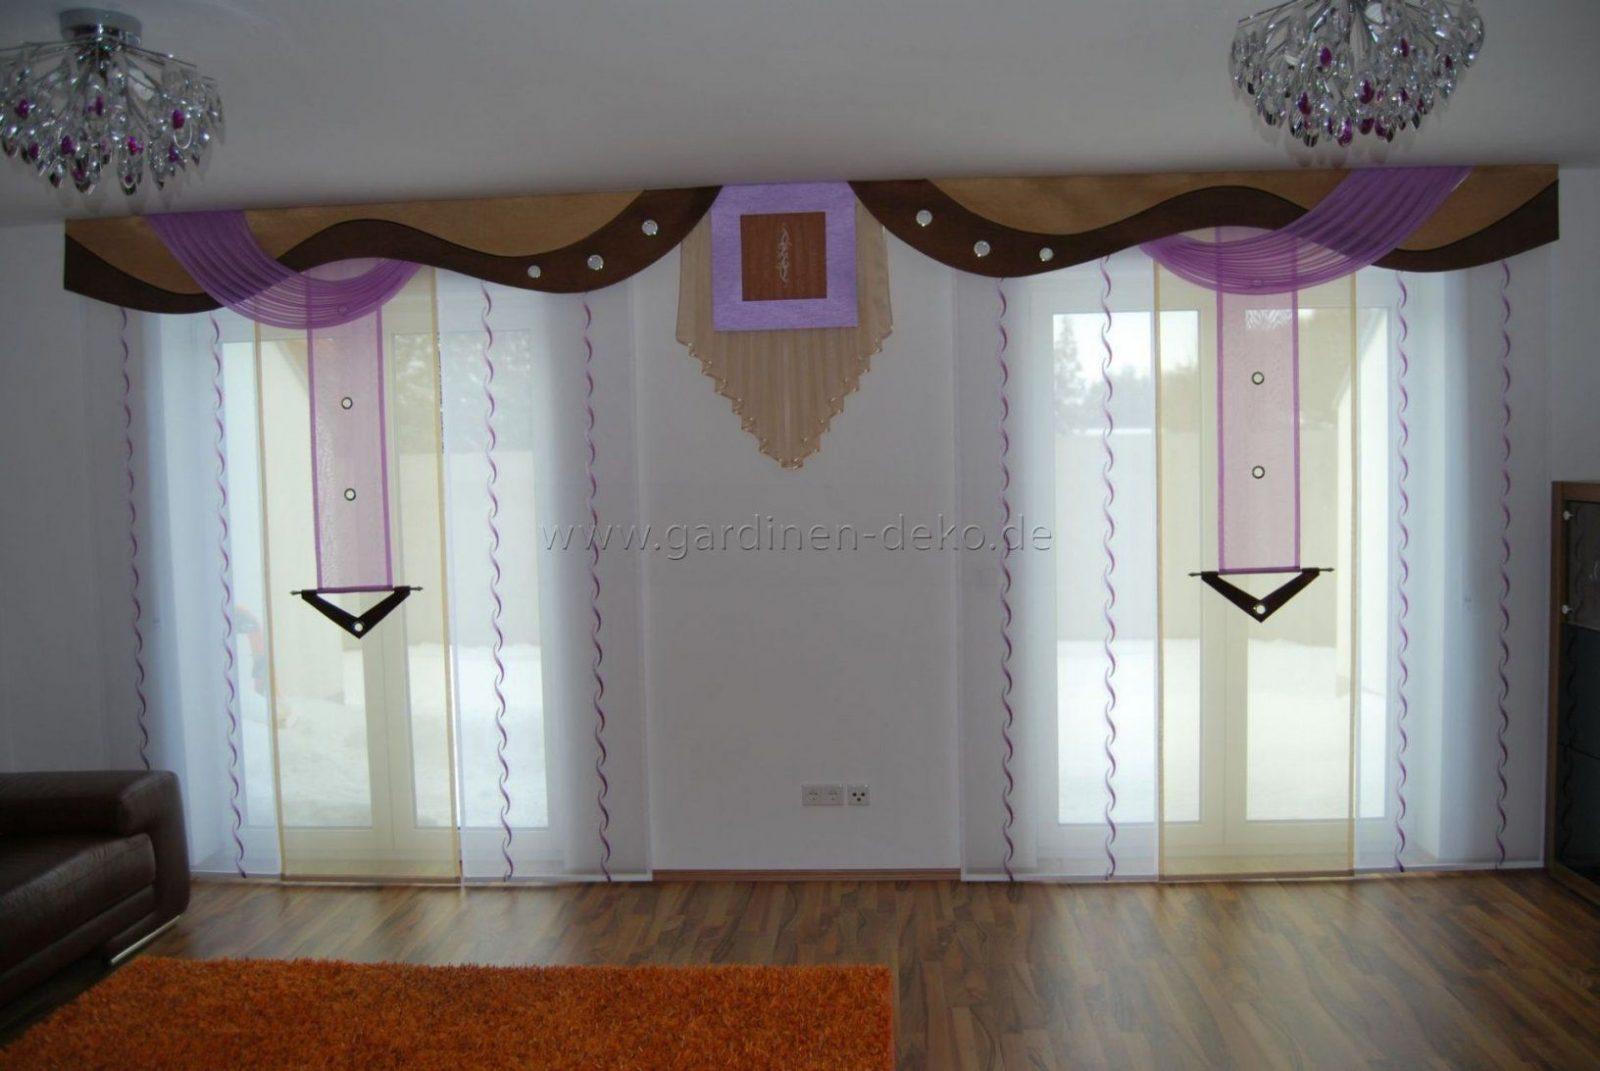 Wohnzimmer Schiebevorhang In Lilabeige Mit Braunen Bogen von Gardinen Bogen Selber Nähen Photo